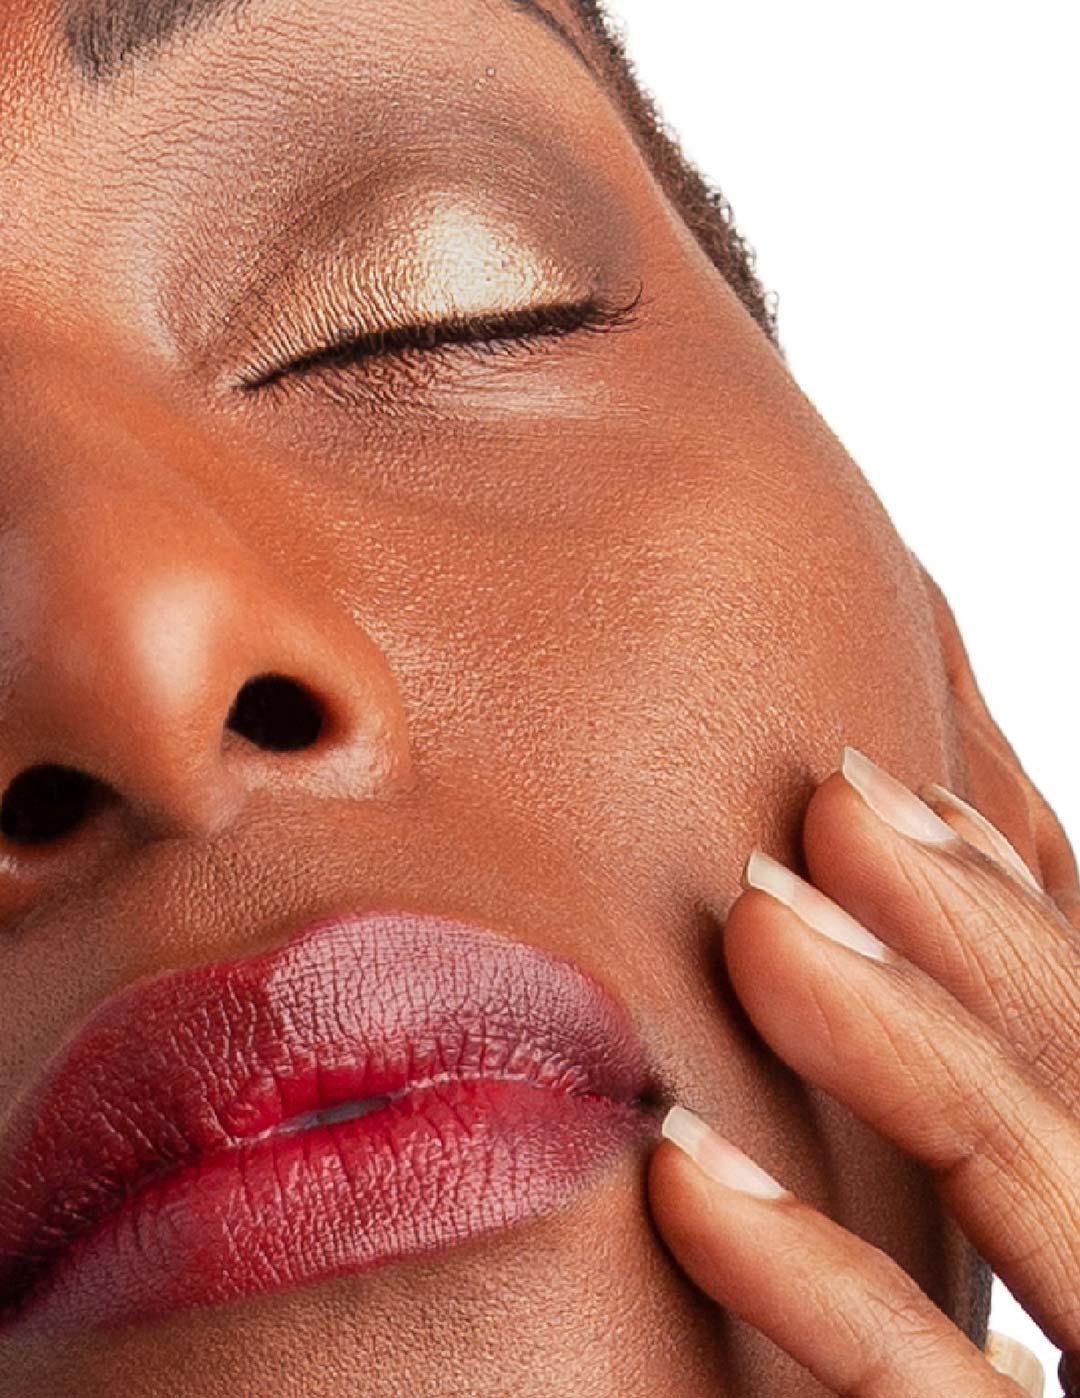 skin detail from model test shoot for bettye @mybaldisbetter